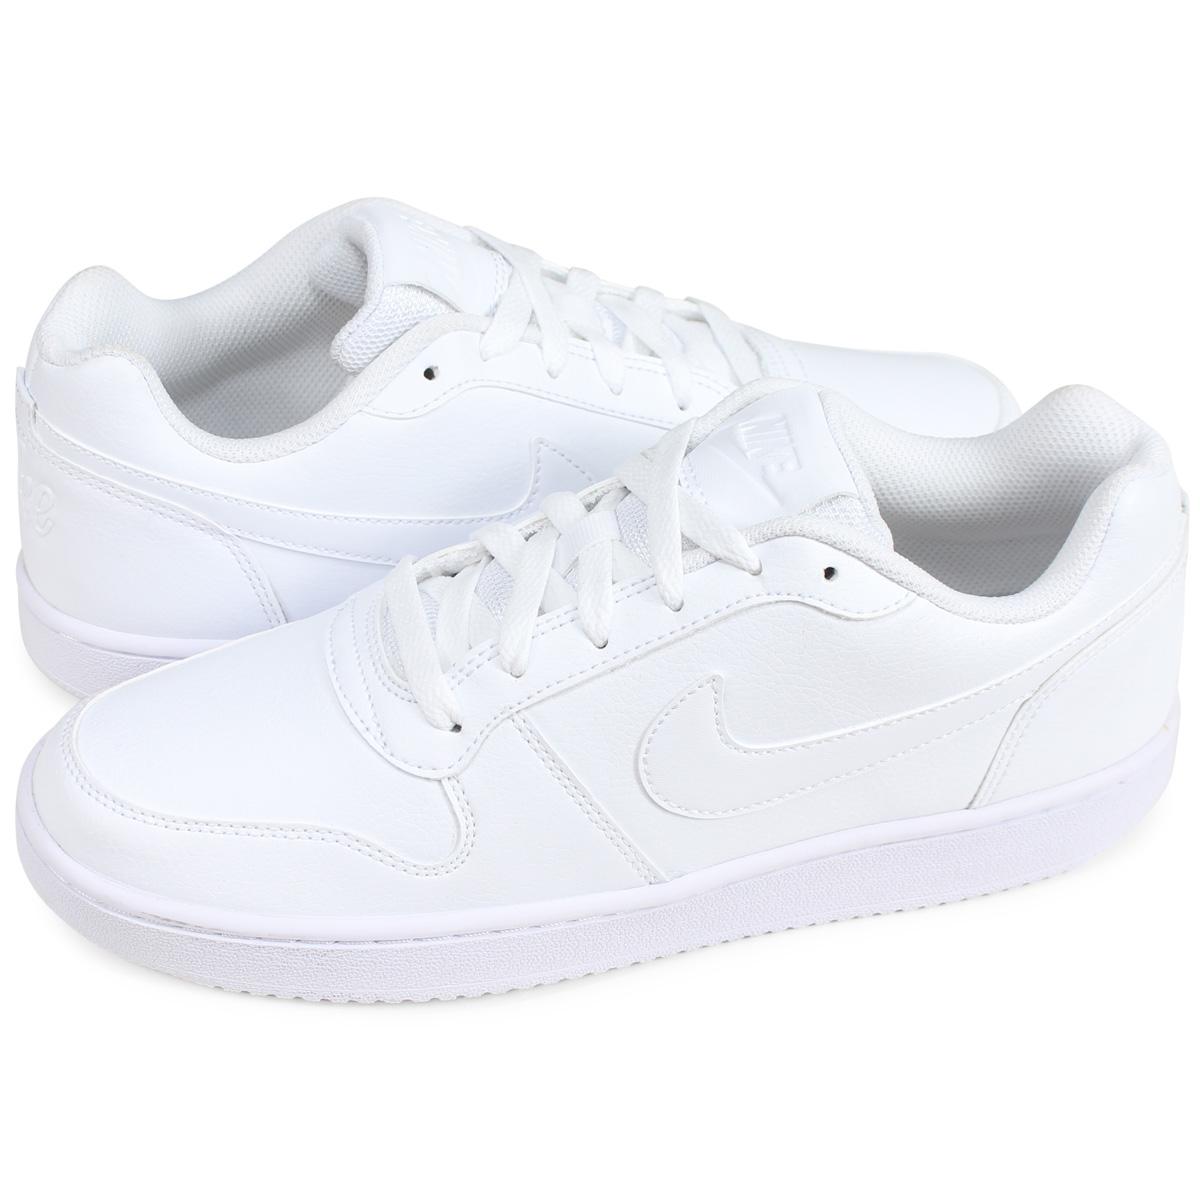 Nike NIKE Eve non sneakers men WMNS EBERNON LOW SL white AQ1777 100